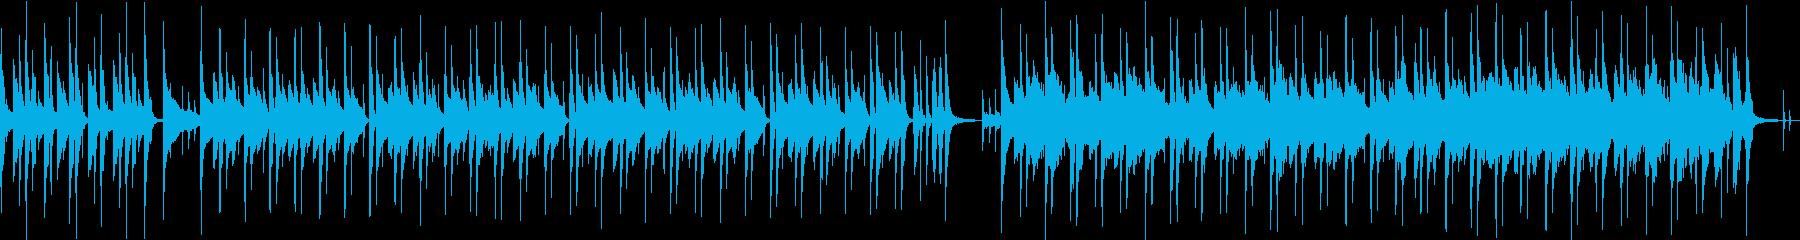 【ループ】落ち着いたボサノバ【料理・夏】の再生済みの波形